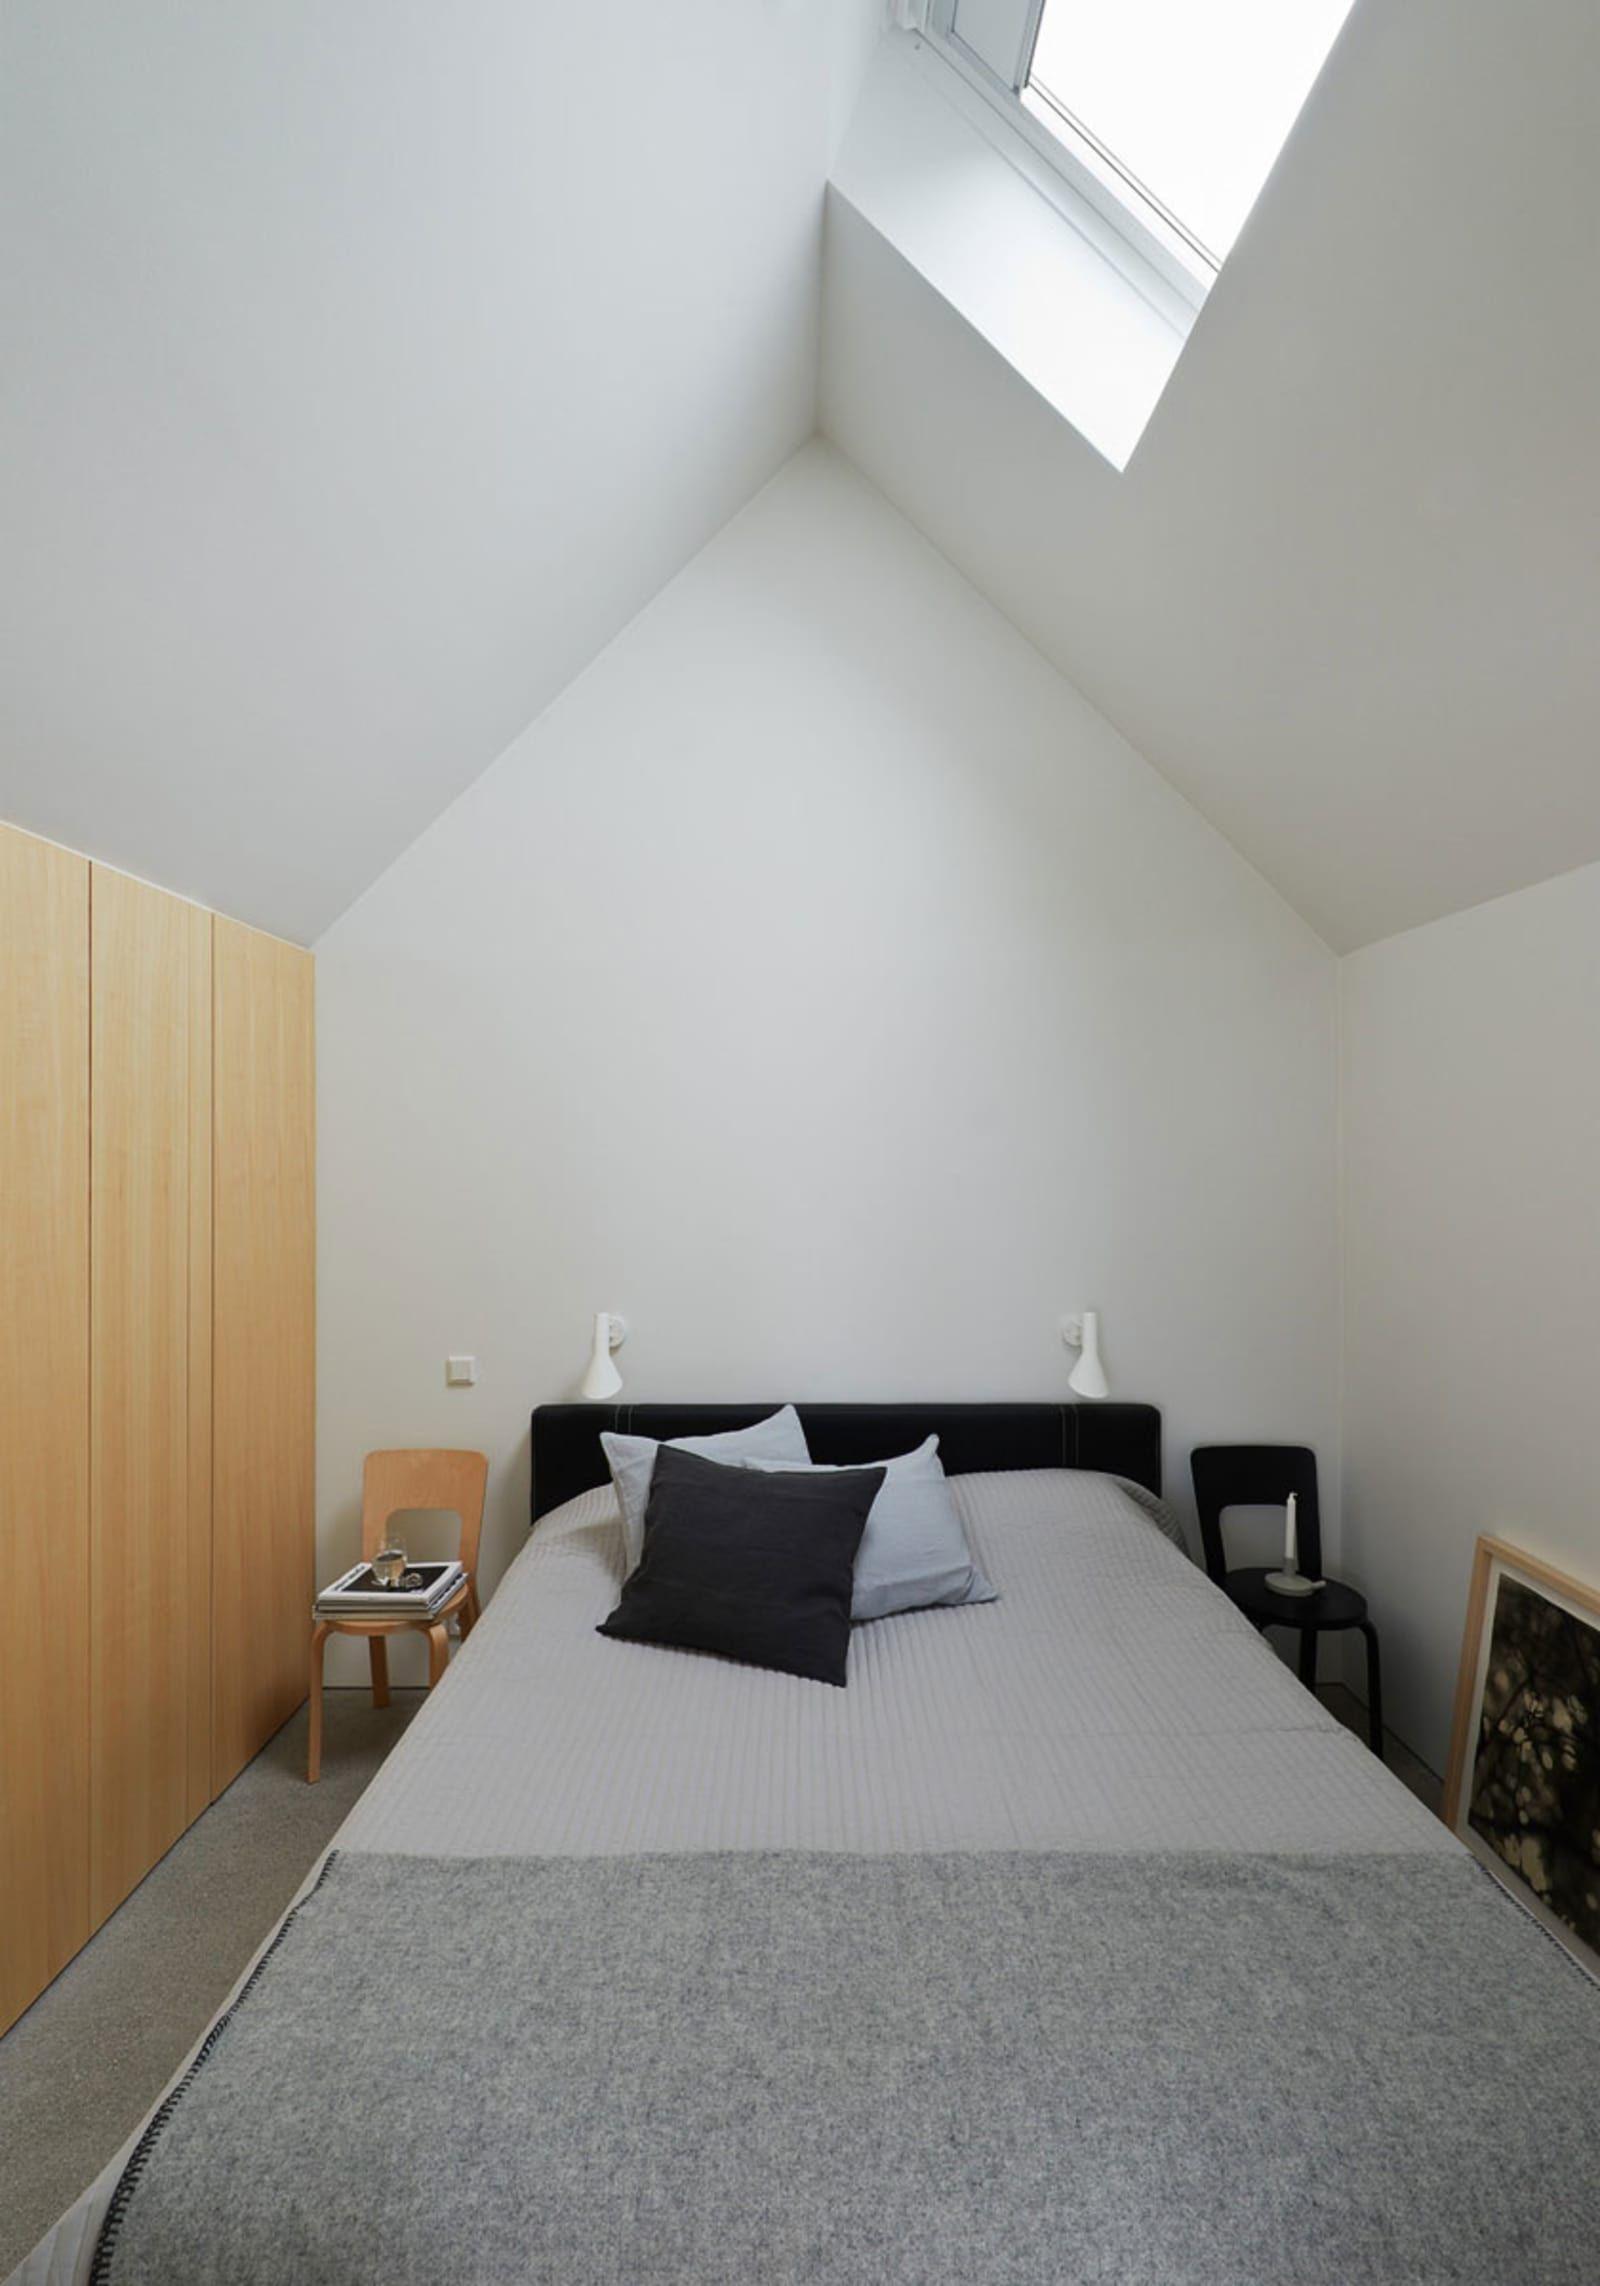 Tham & Videgård Arkitekter, Åke E:son Lindman · Summerhouse Lagnö. Stockholm, Sweden